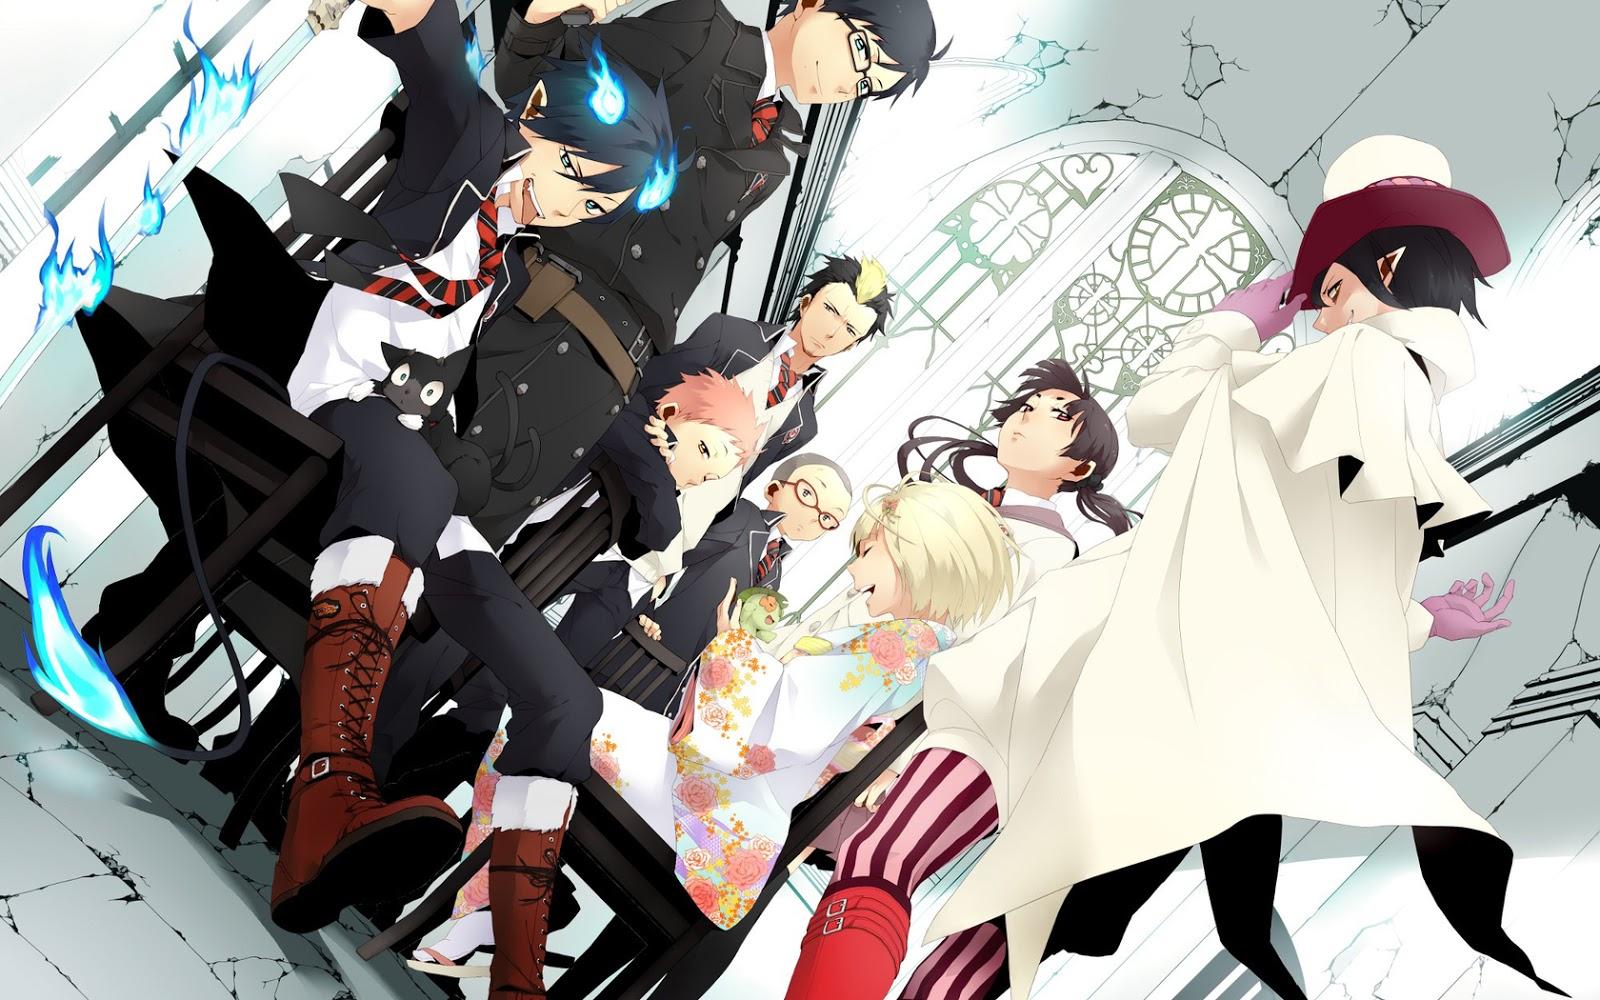 Moonlight summoner 39 s anime sekai blue exorcist ao - Rin wallpaper ...